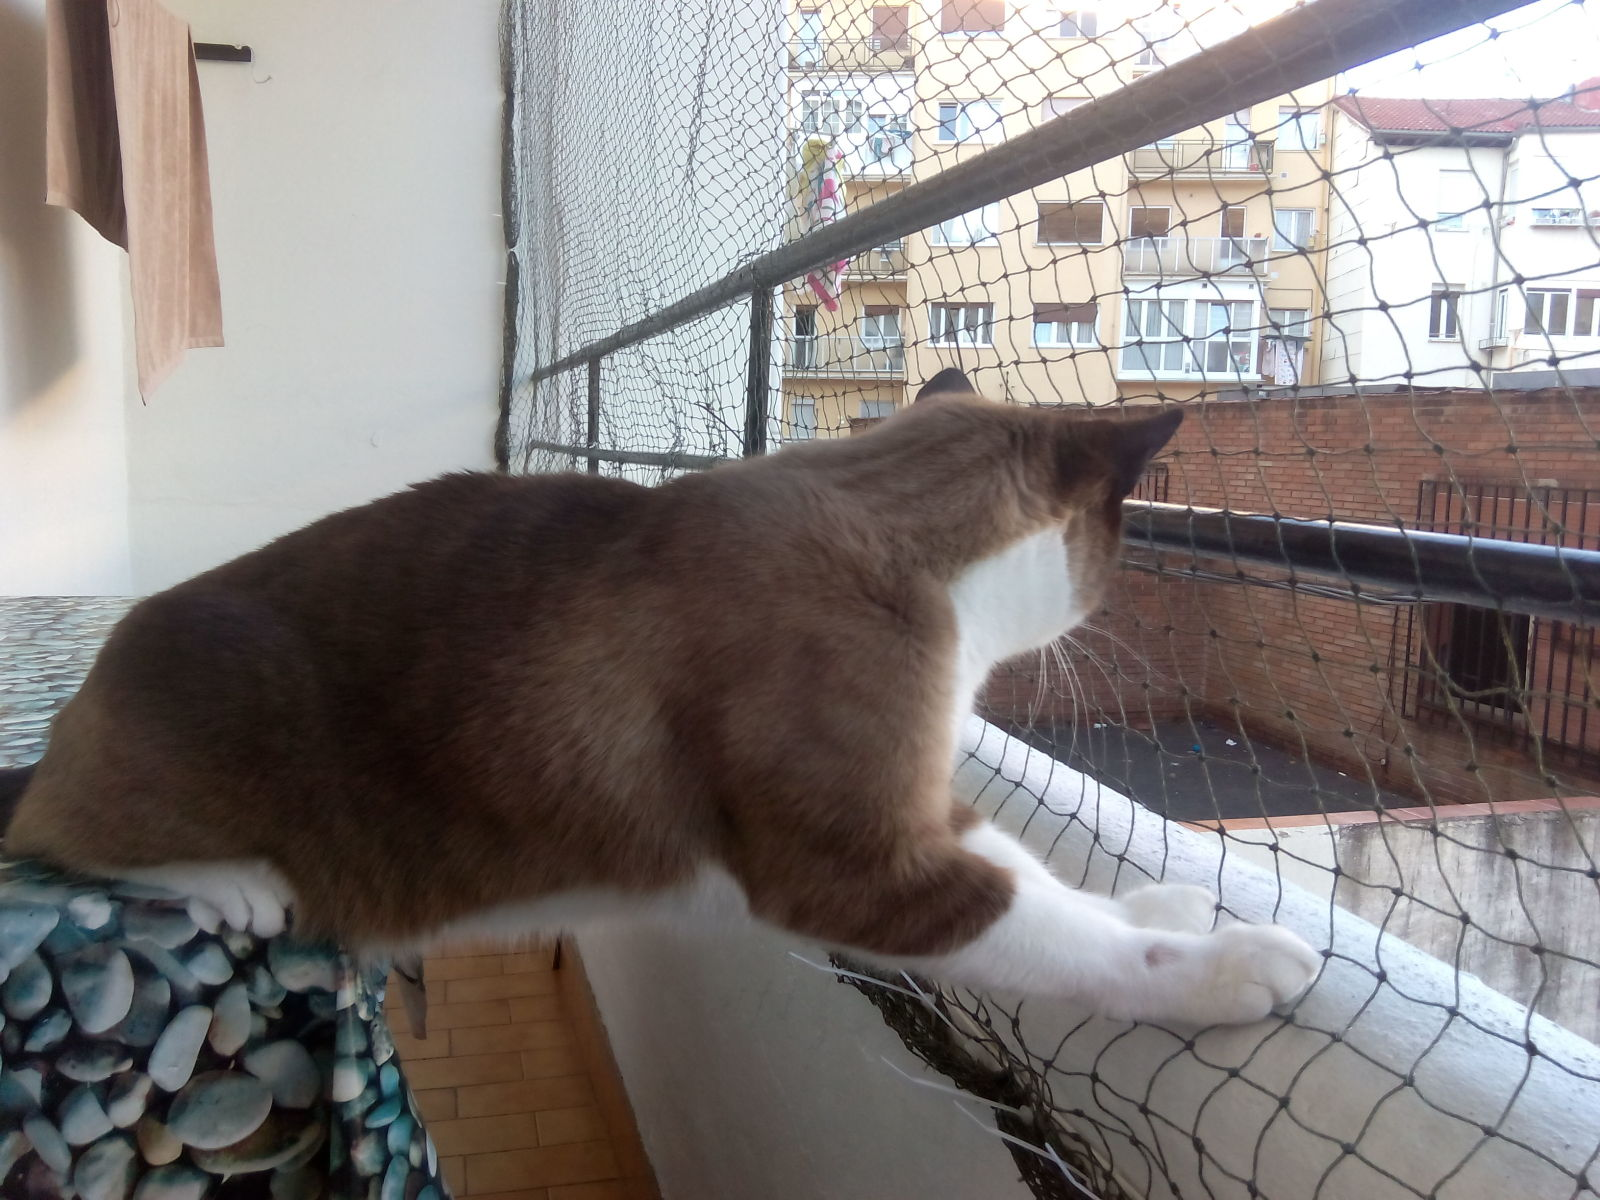 redes - Mosquiteras y redes para las ventanas y cómo proteger a nuestros gatos - Página 10 J6mu14